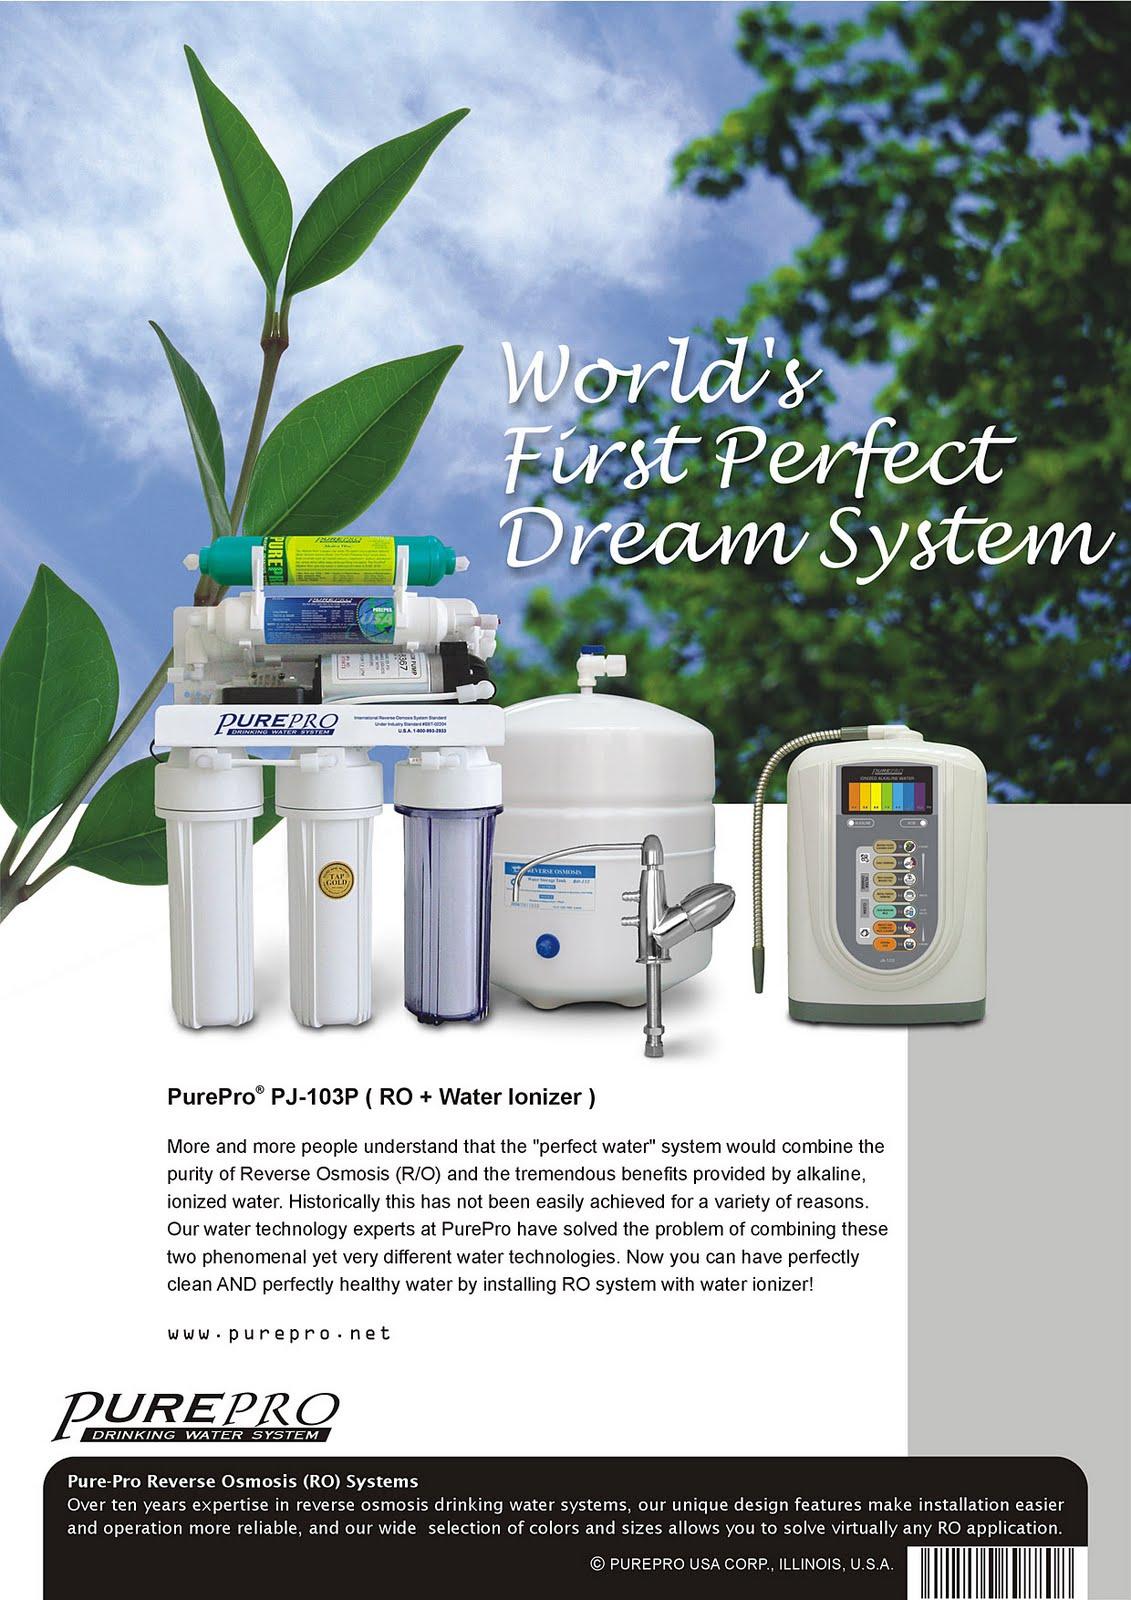 美國 ERO 氫水機 PurePro® PJ-103P 完美水系統 : 頂尖科技的結合 - 美國PurePro®健康還原水